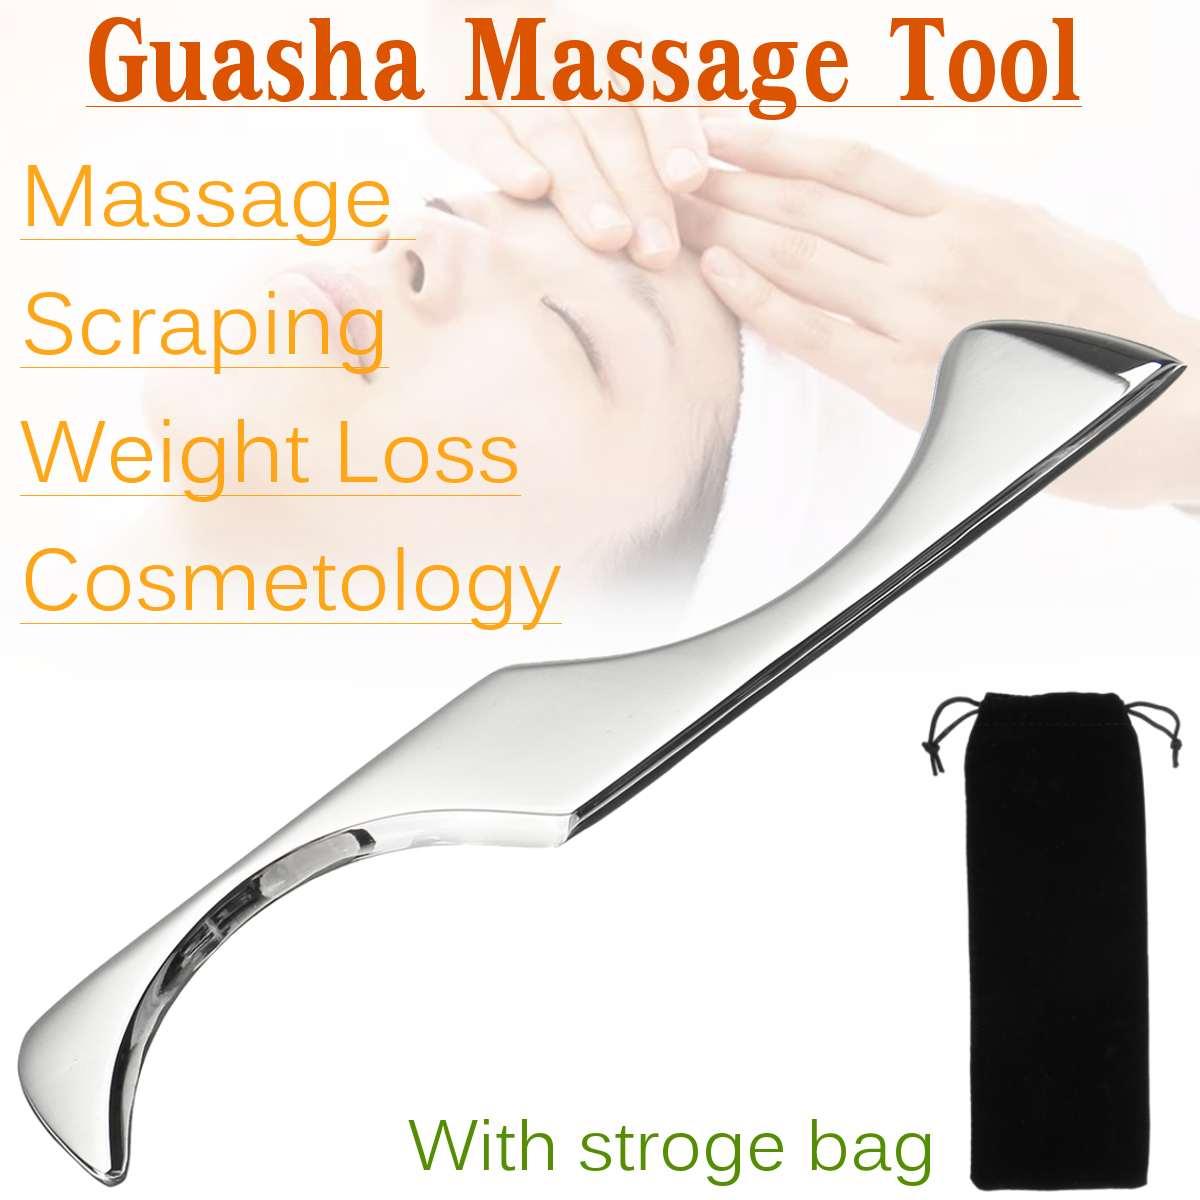 304 Edelstahl Gua Sha Bord Massager Werkzeug Guasha Schaber Physikalische Therapie Lose Muscle Meridian Massage SPA Körper Gesundheit